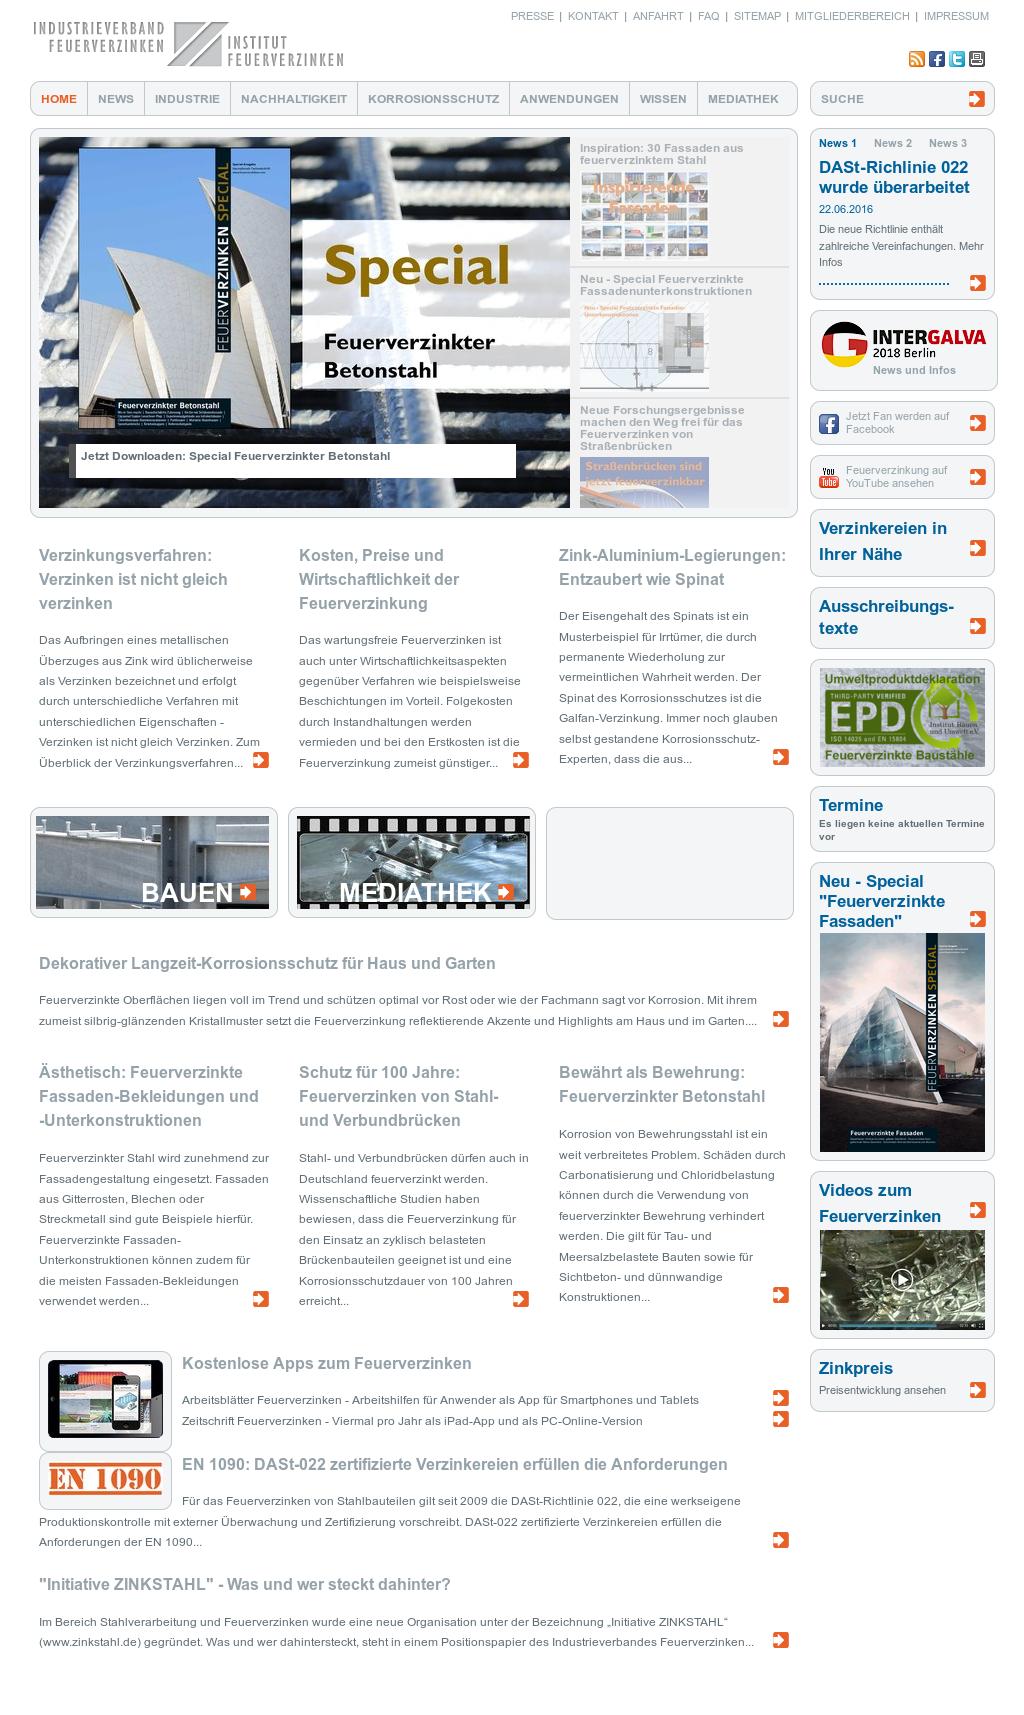 Industrieverband Feuerverzinken / Institut Feuerverzinken ...